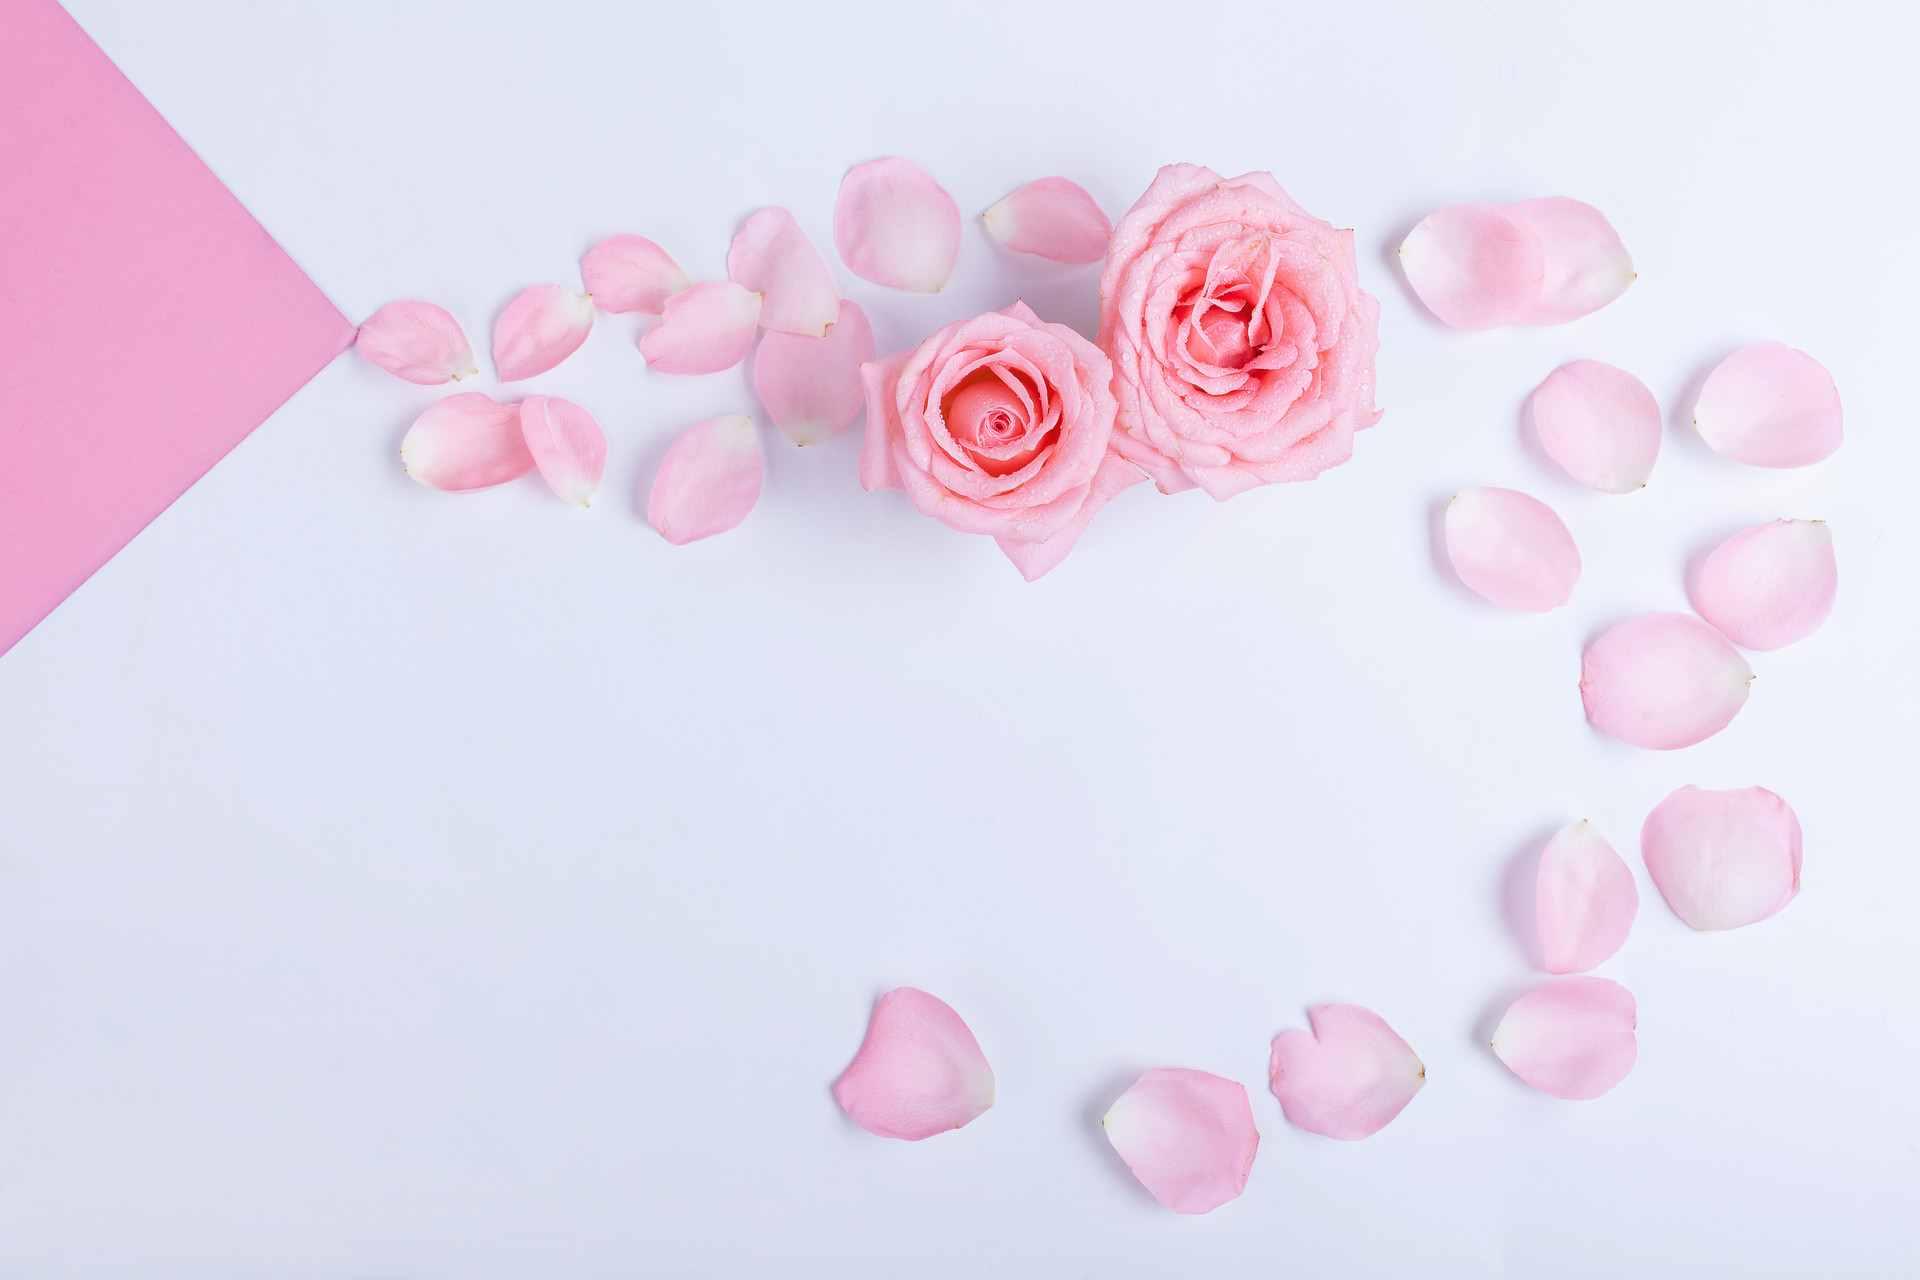 蒲公英的最佳搭配加玫瑰花